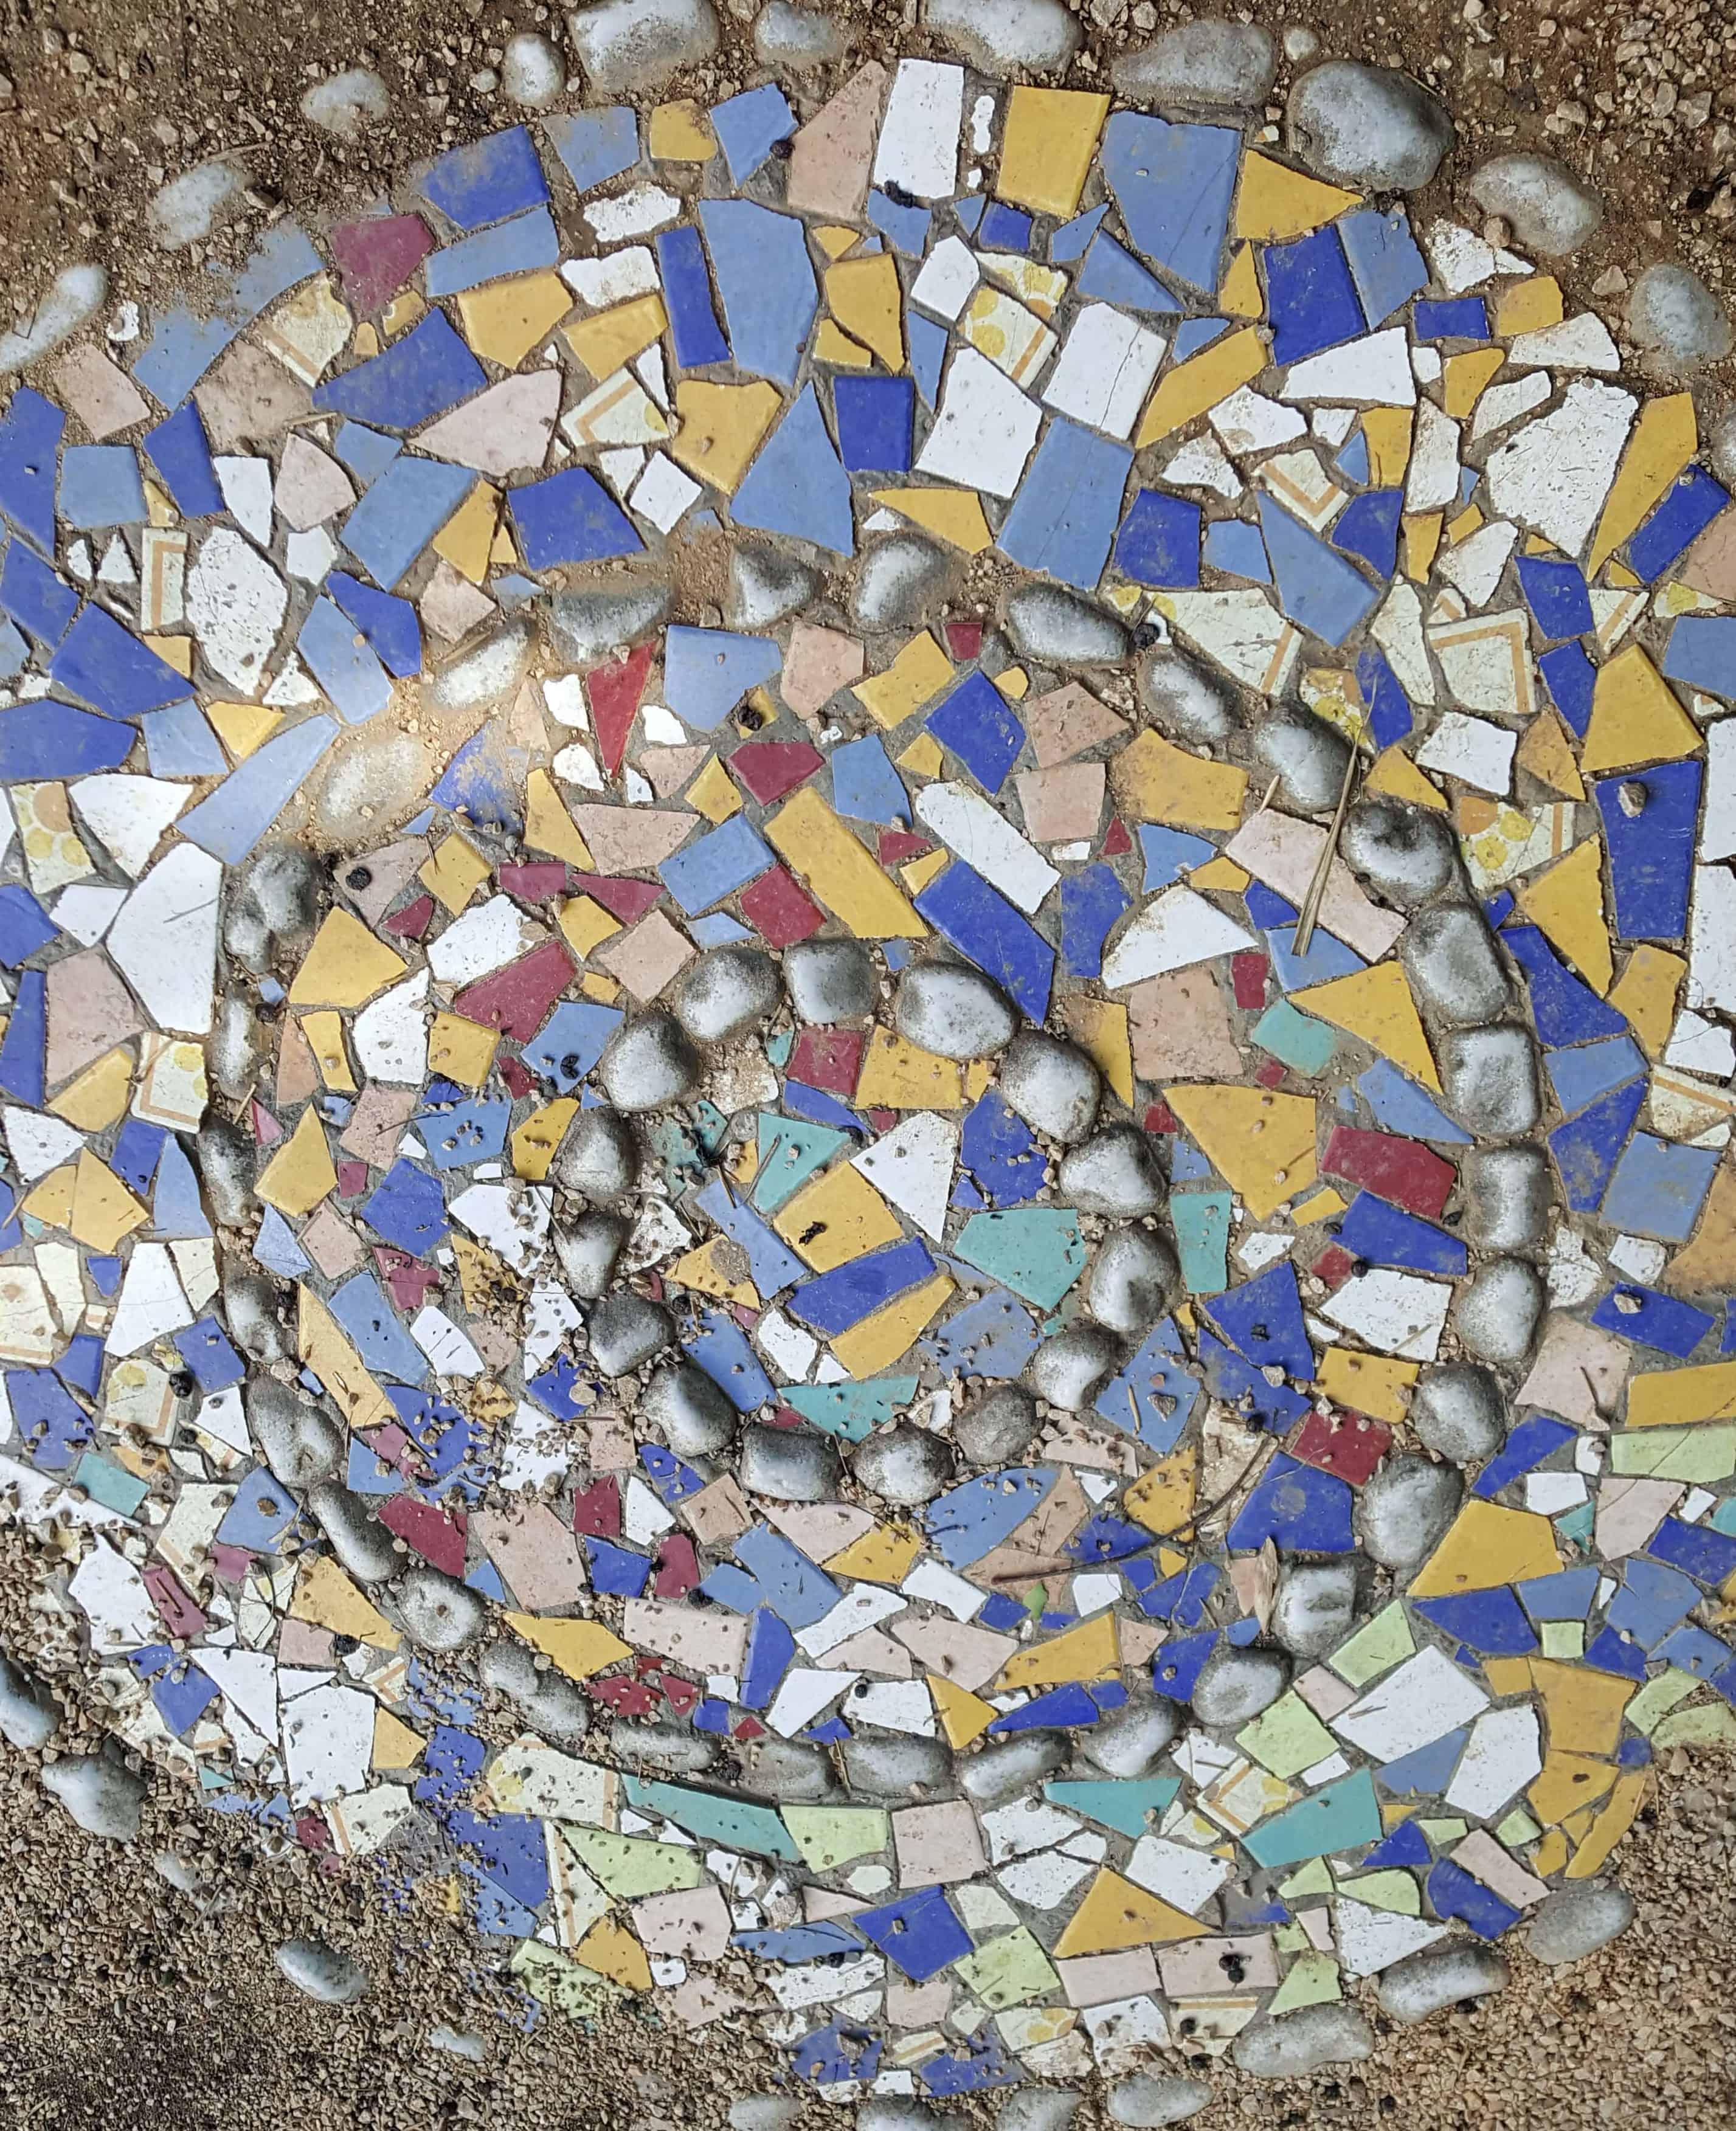 wir sehen ein Mosaik